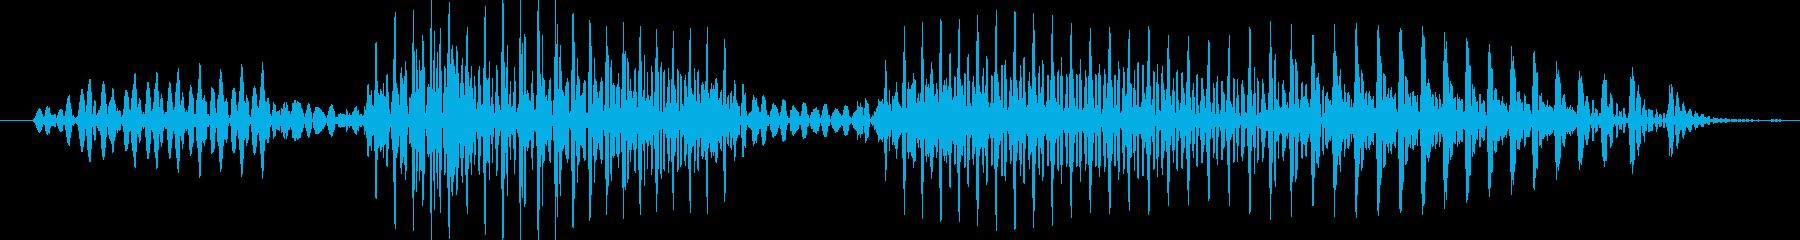 裏ドラの再生済みの波形